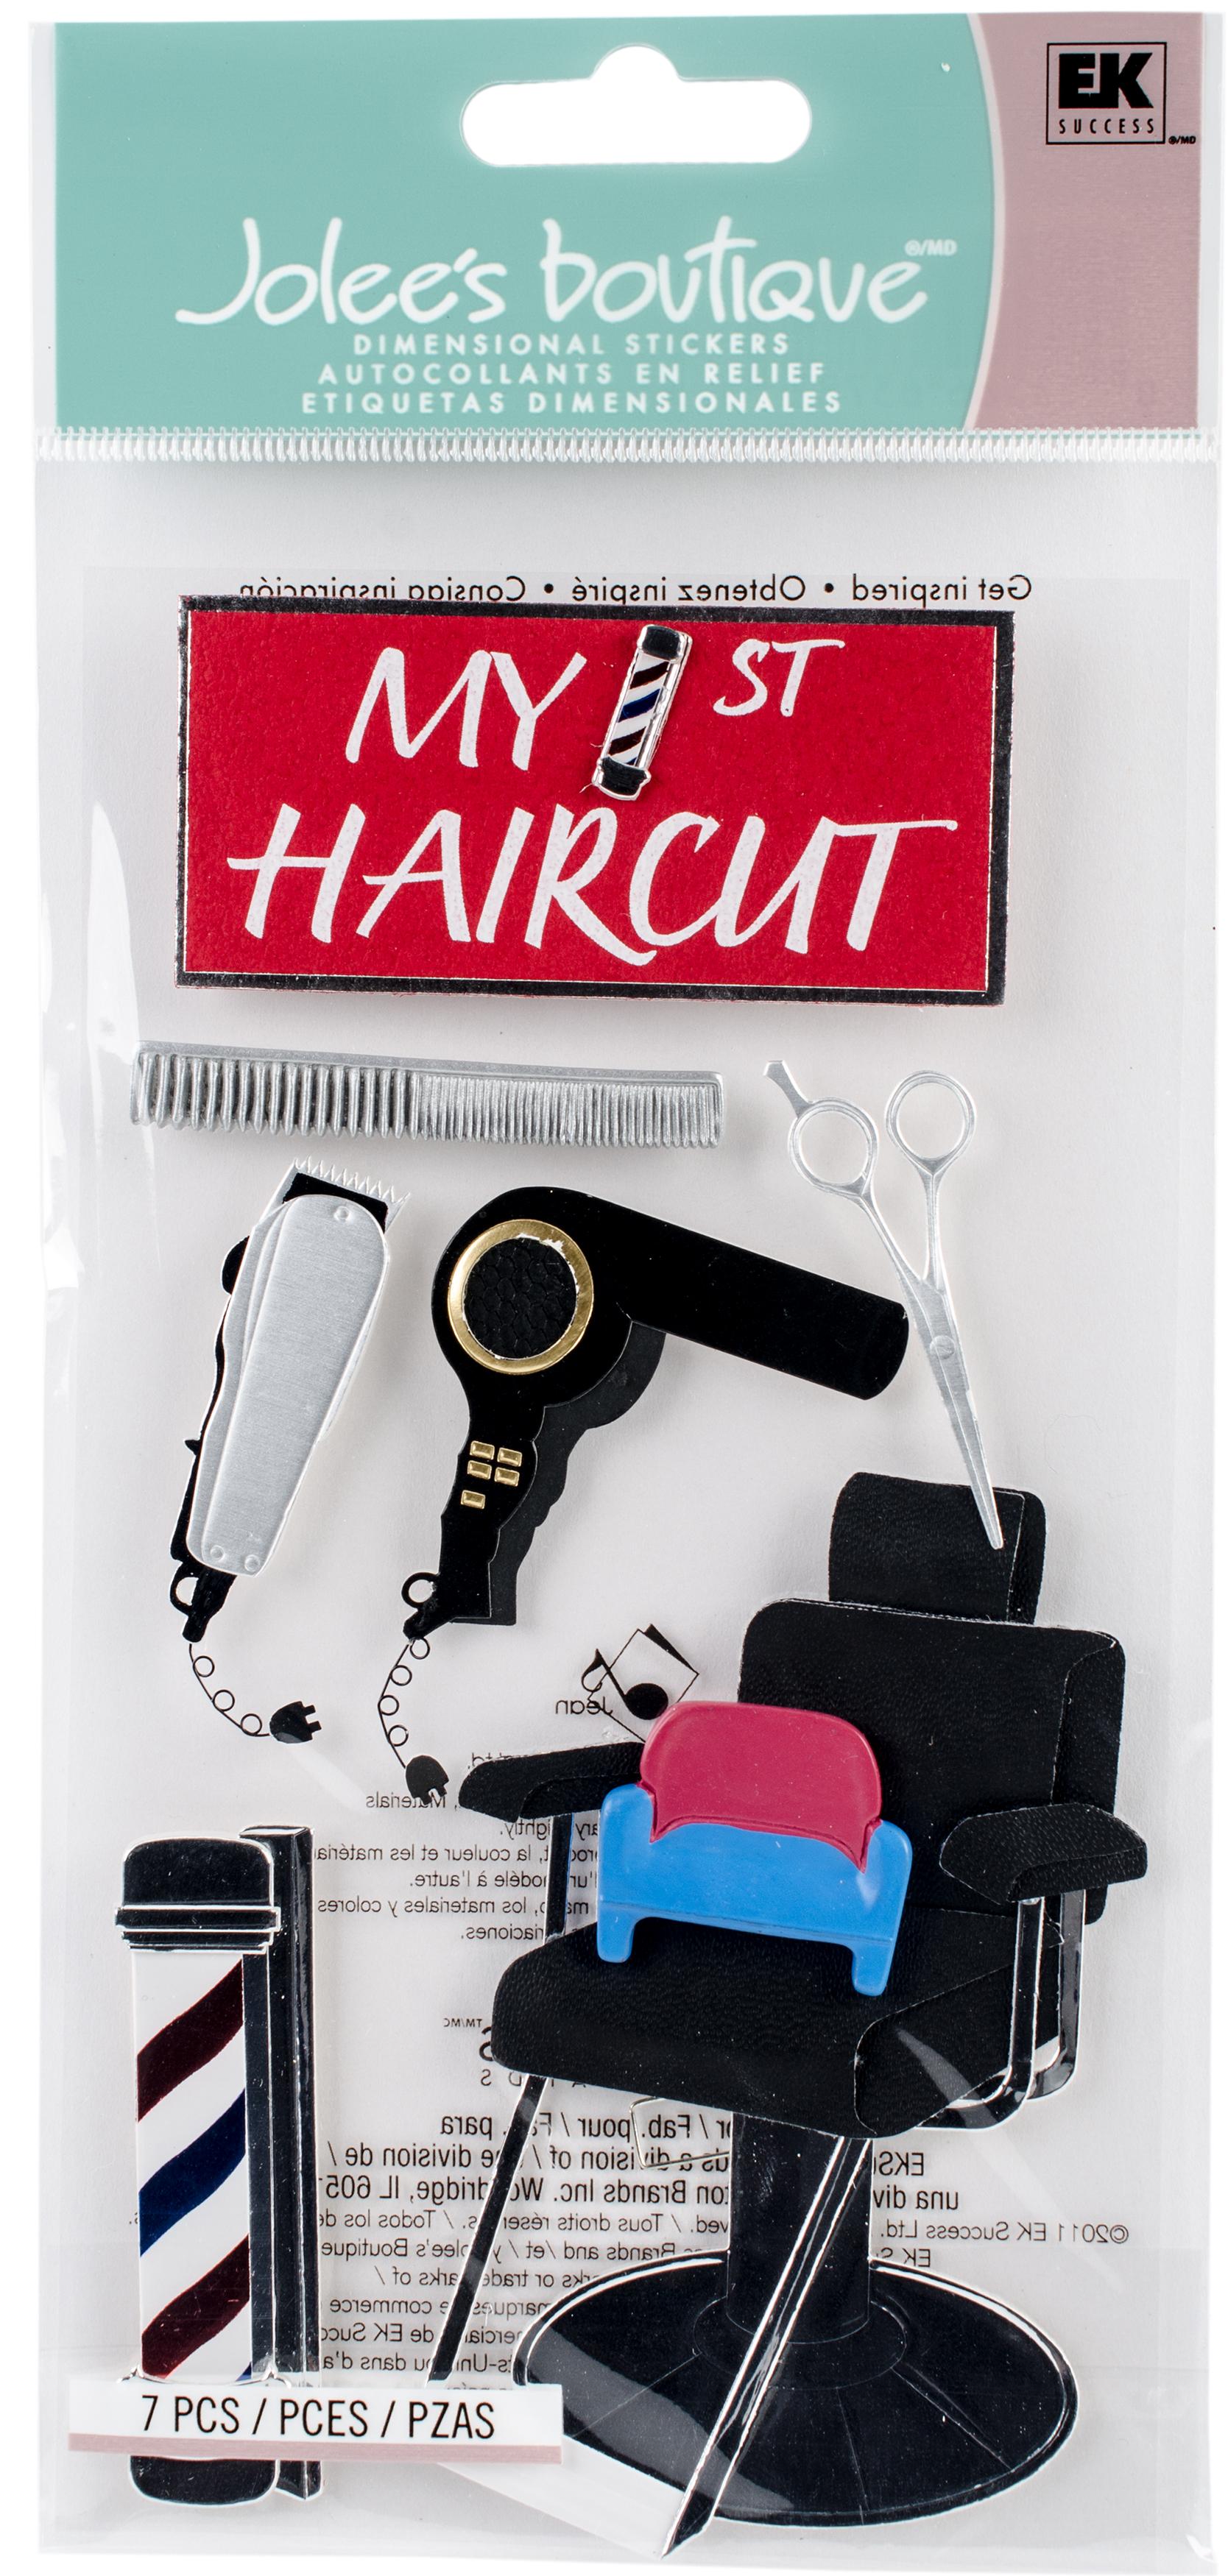 1st Haircut Sticker